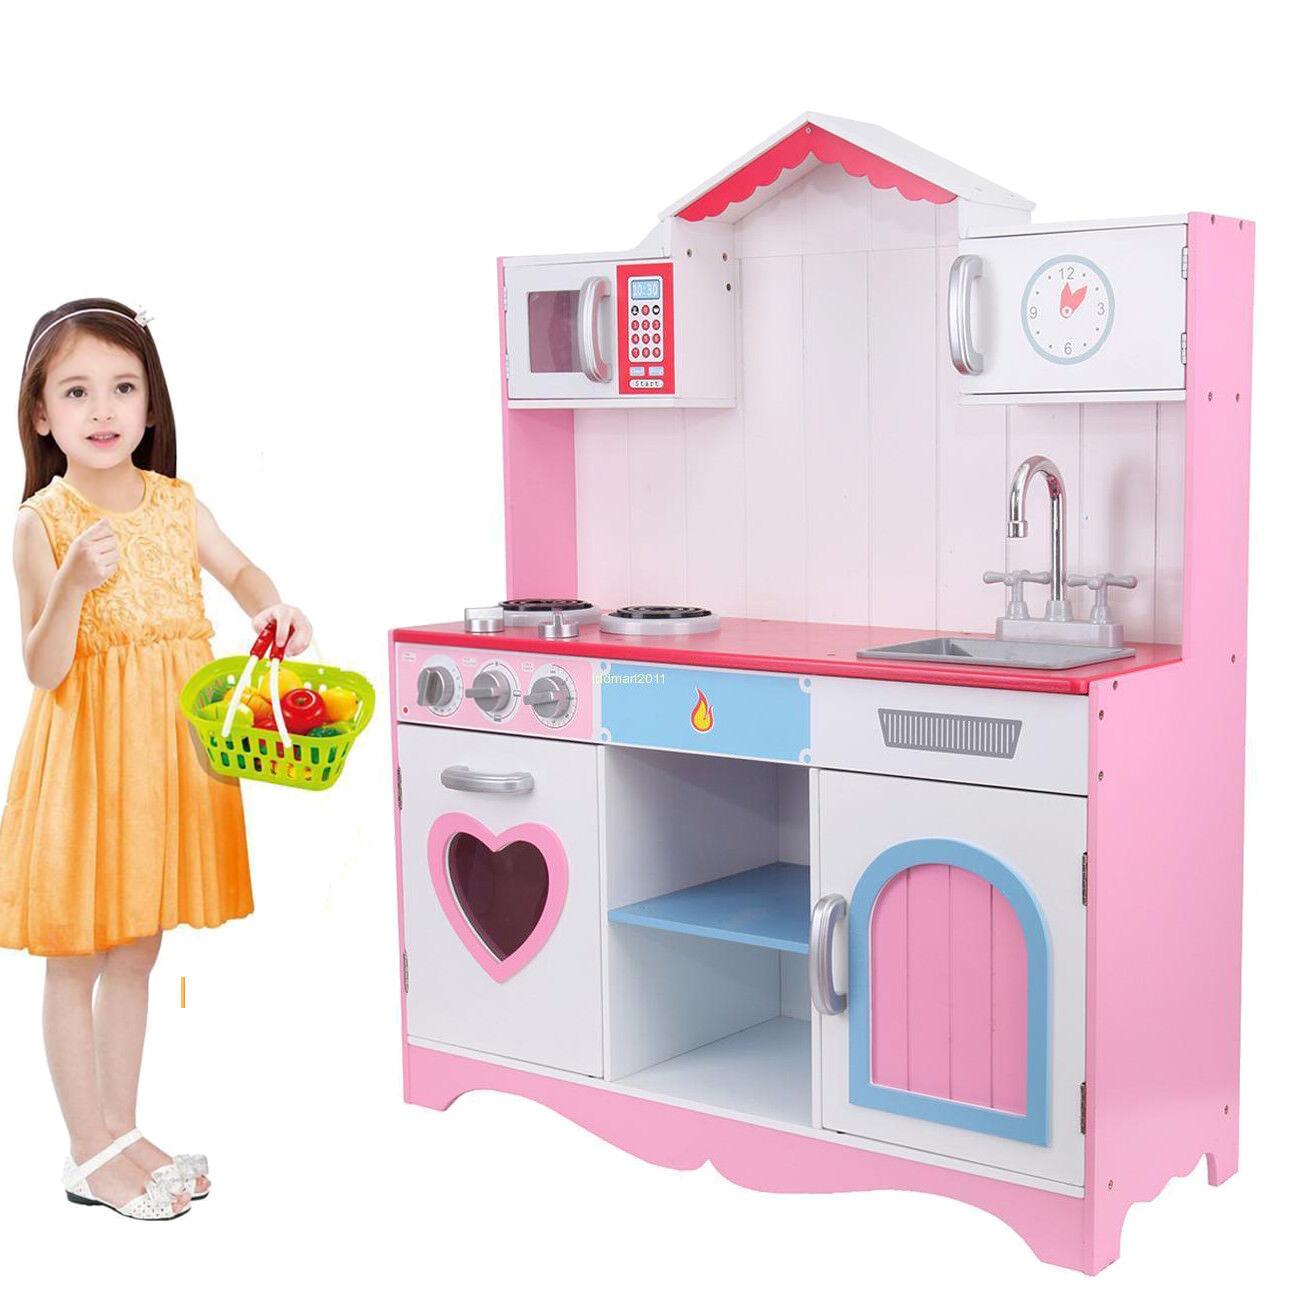 Ridgeyard Küche Kochen Rollenspiel vorgeben Spielzeug Herd Baby Play Set